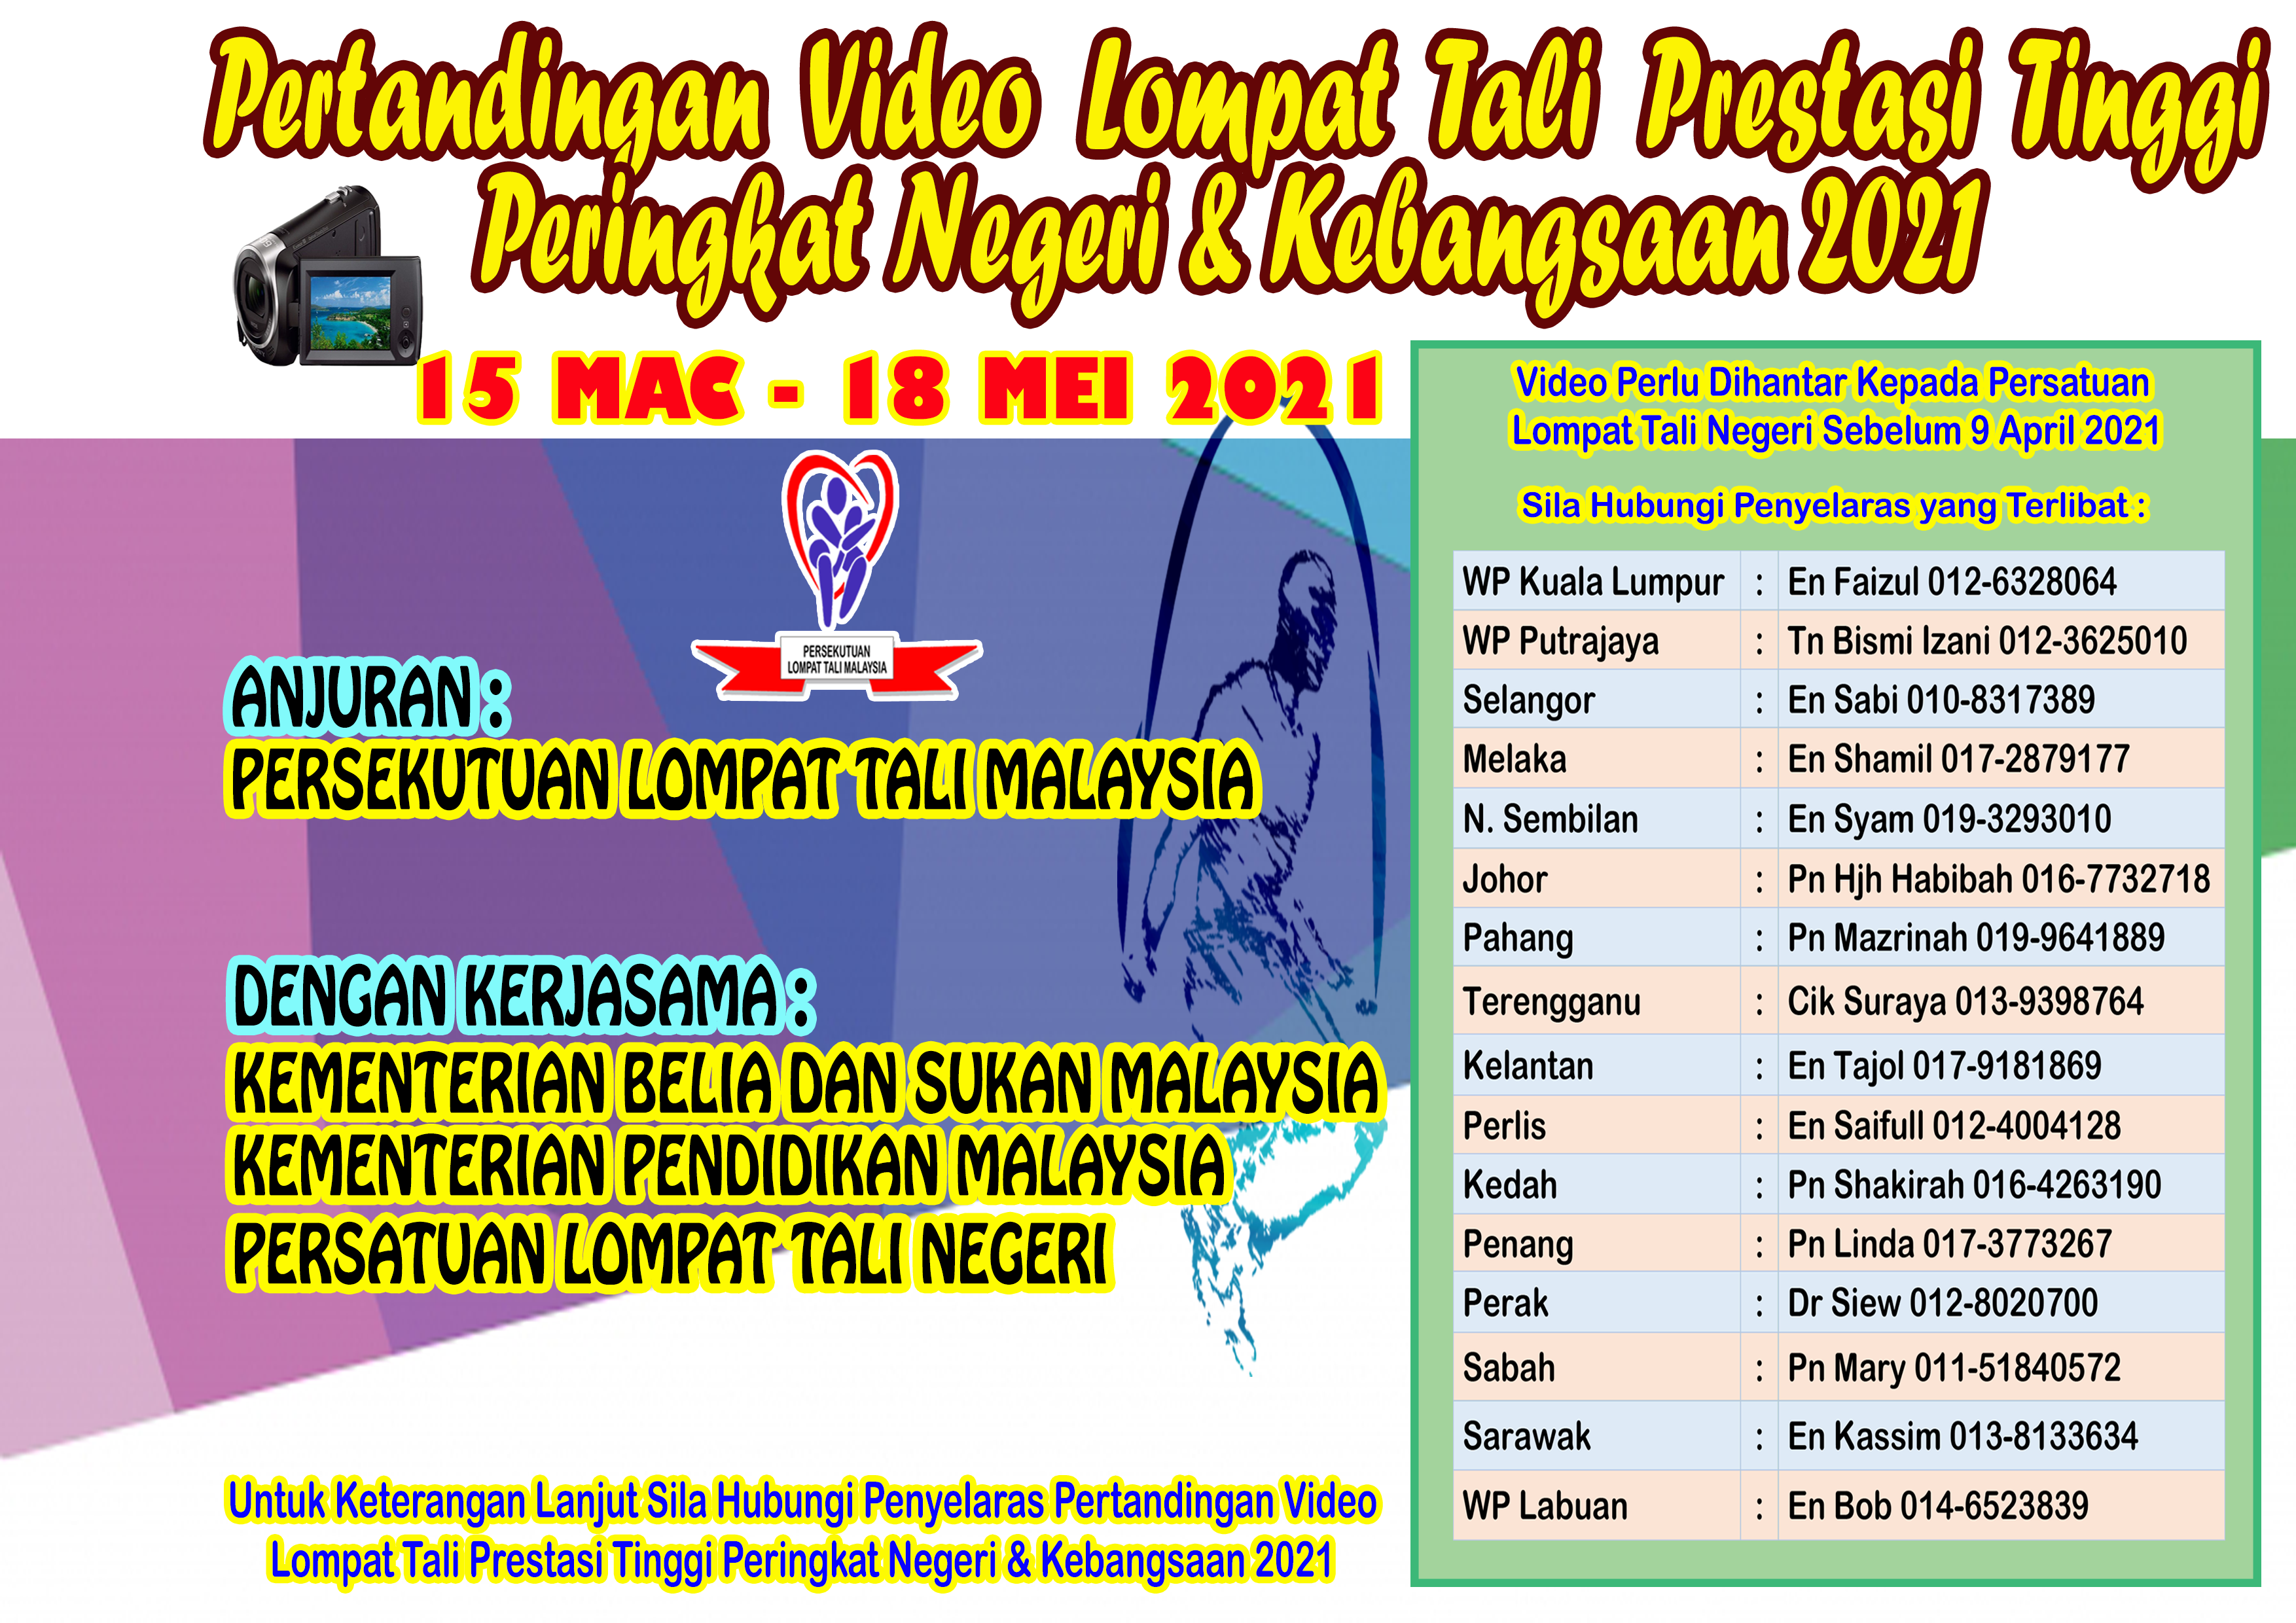 PVLT1